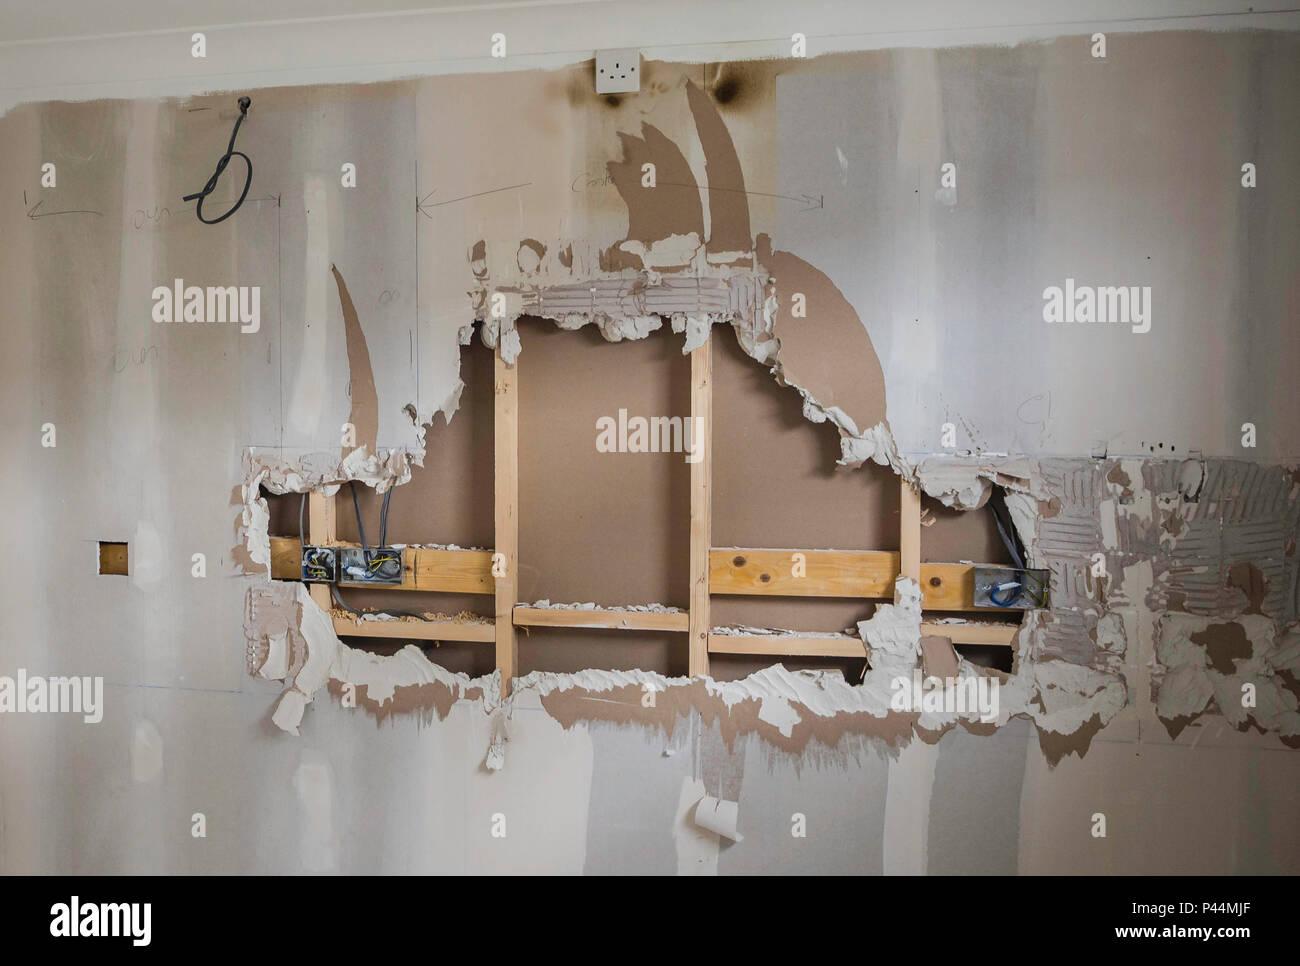 Phasen einer Küche Renovierung und Sanierung Stockbild